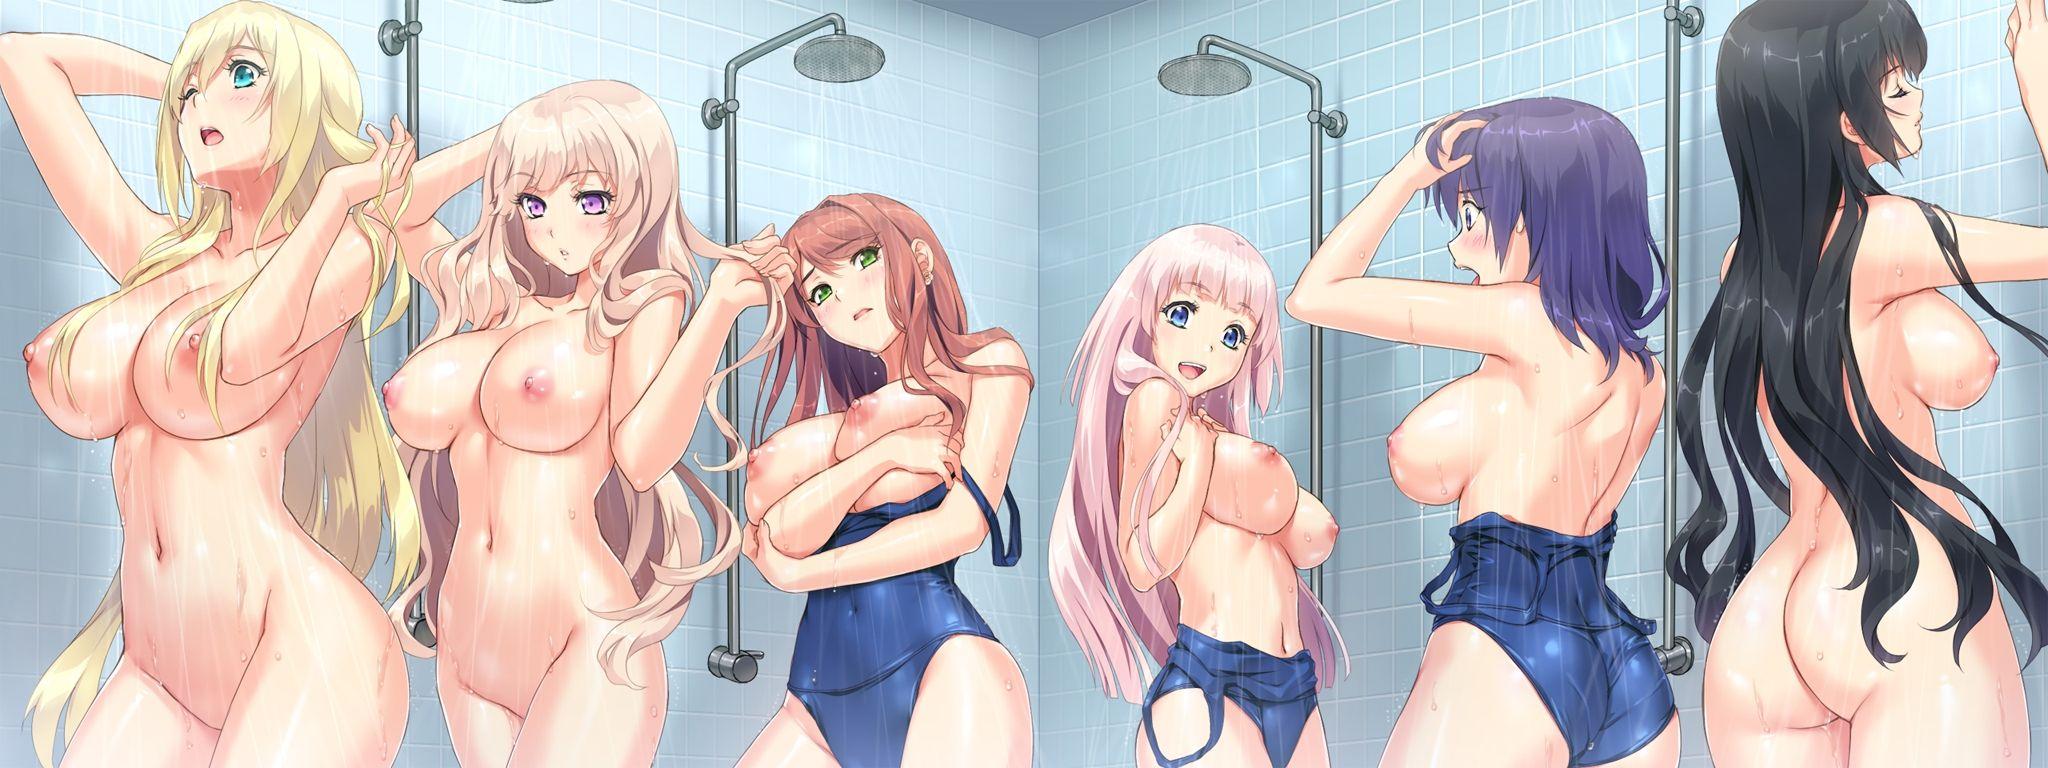 パンツ一丁やトップレスになってる女の子の画像 [無断転載禁止]©bbspink.comYouTube動画>1本 ->画像>2179枚